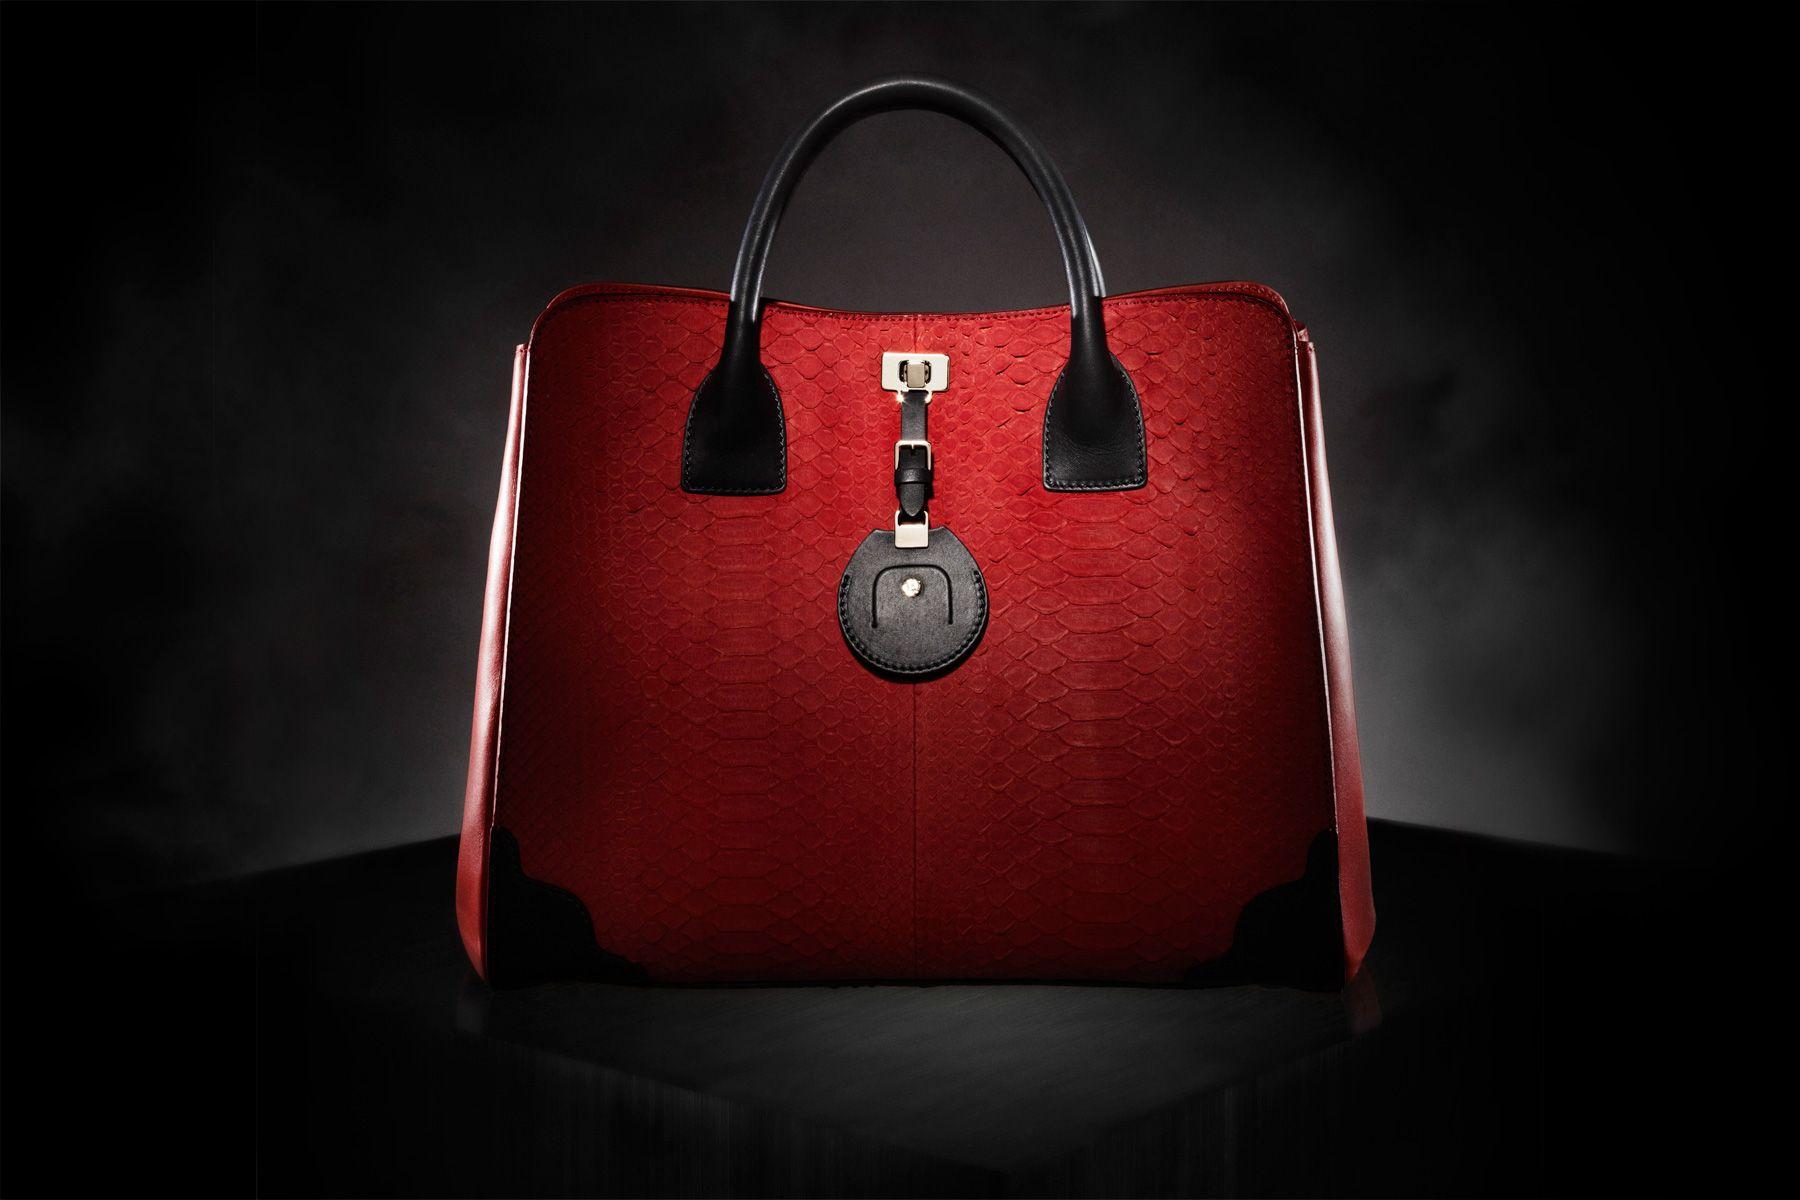 Jason Wu handbag